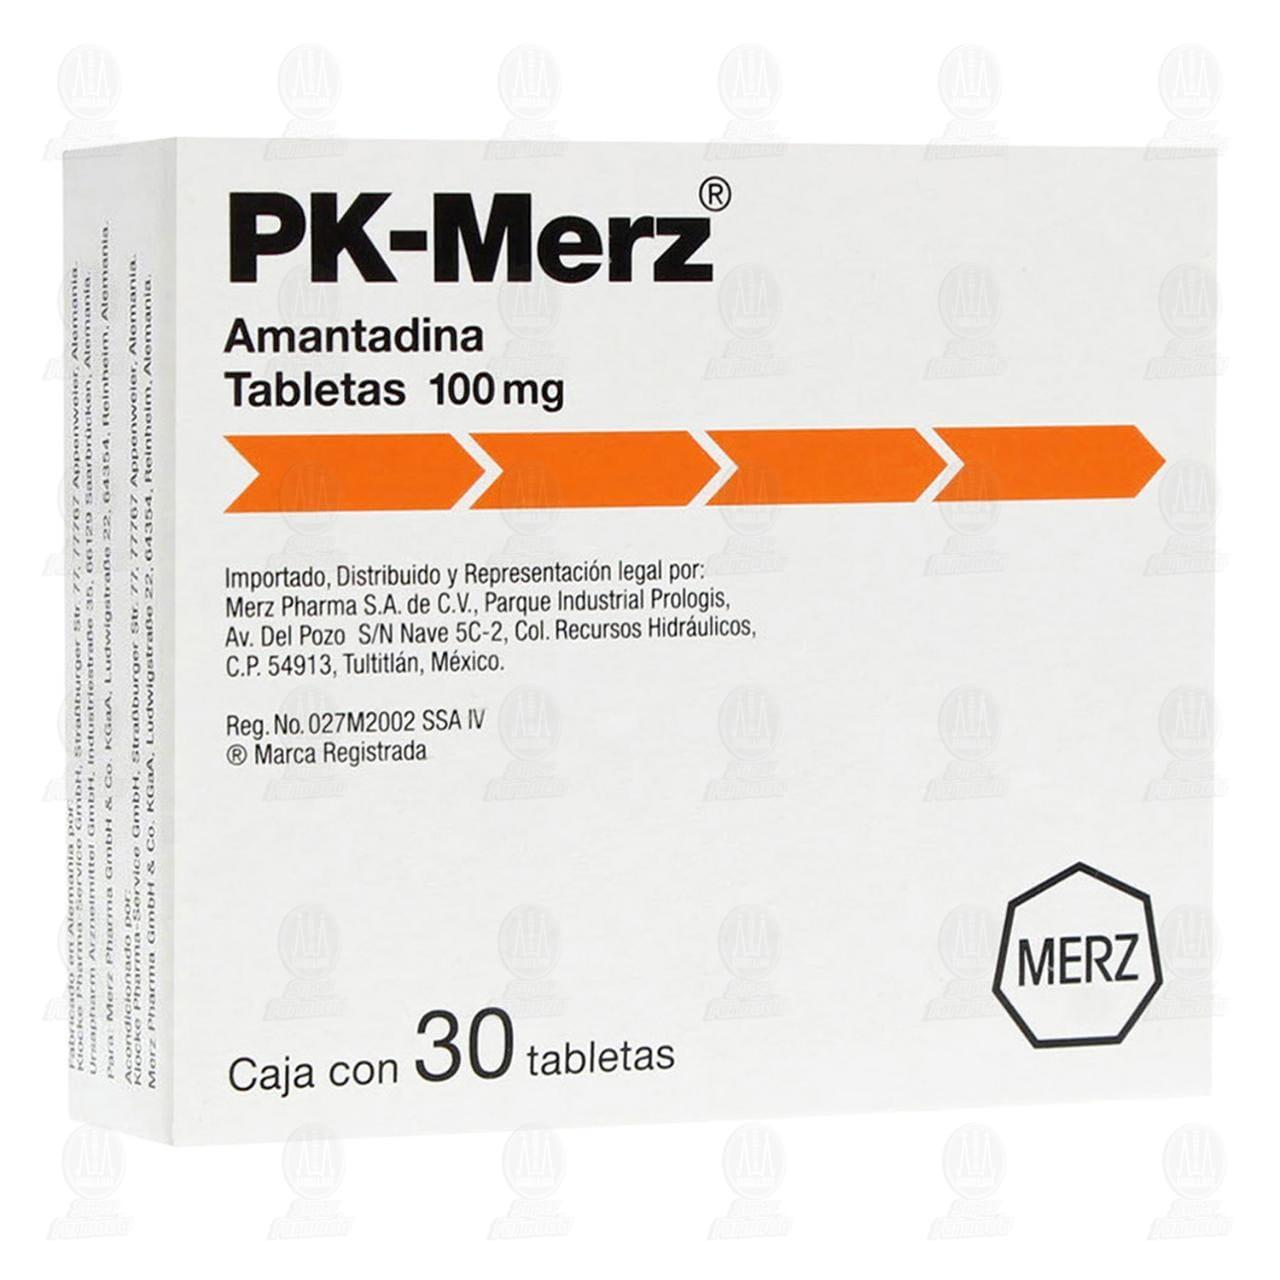 Comprar Pk-Merz 100mg 30 Tabletas en Farmacias Guadalajara